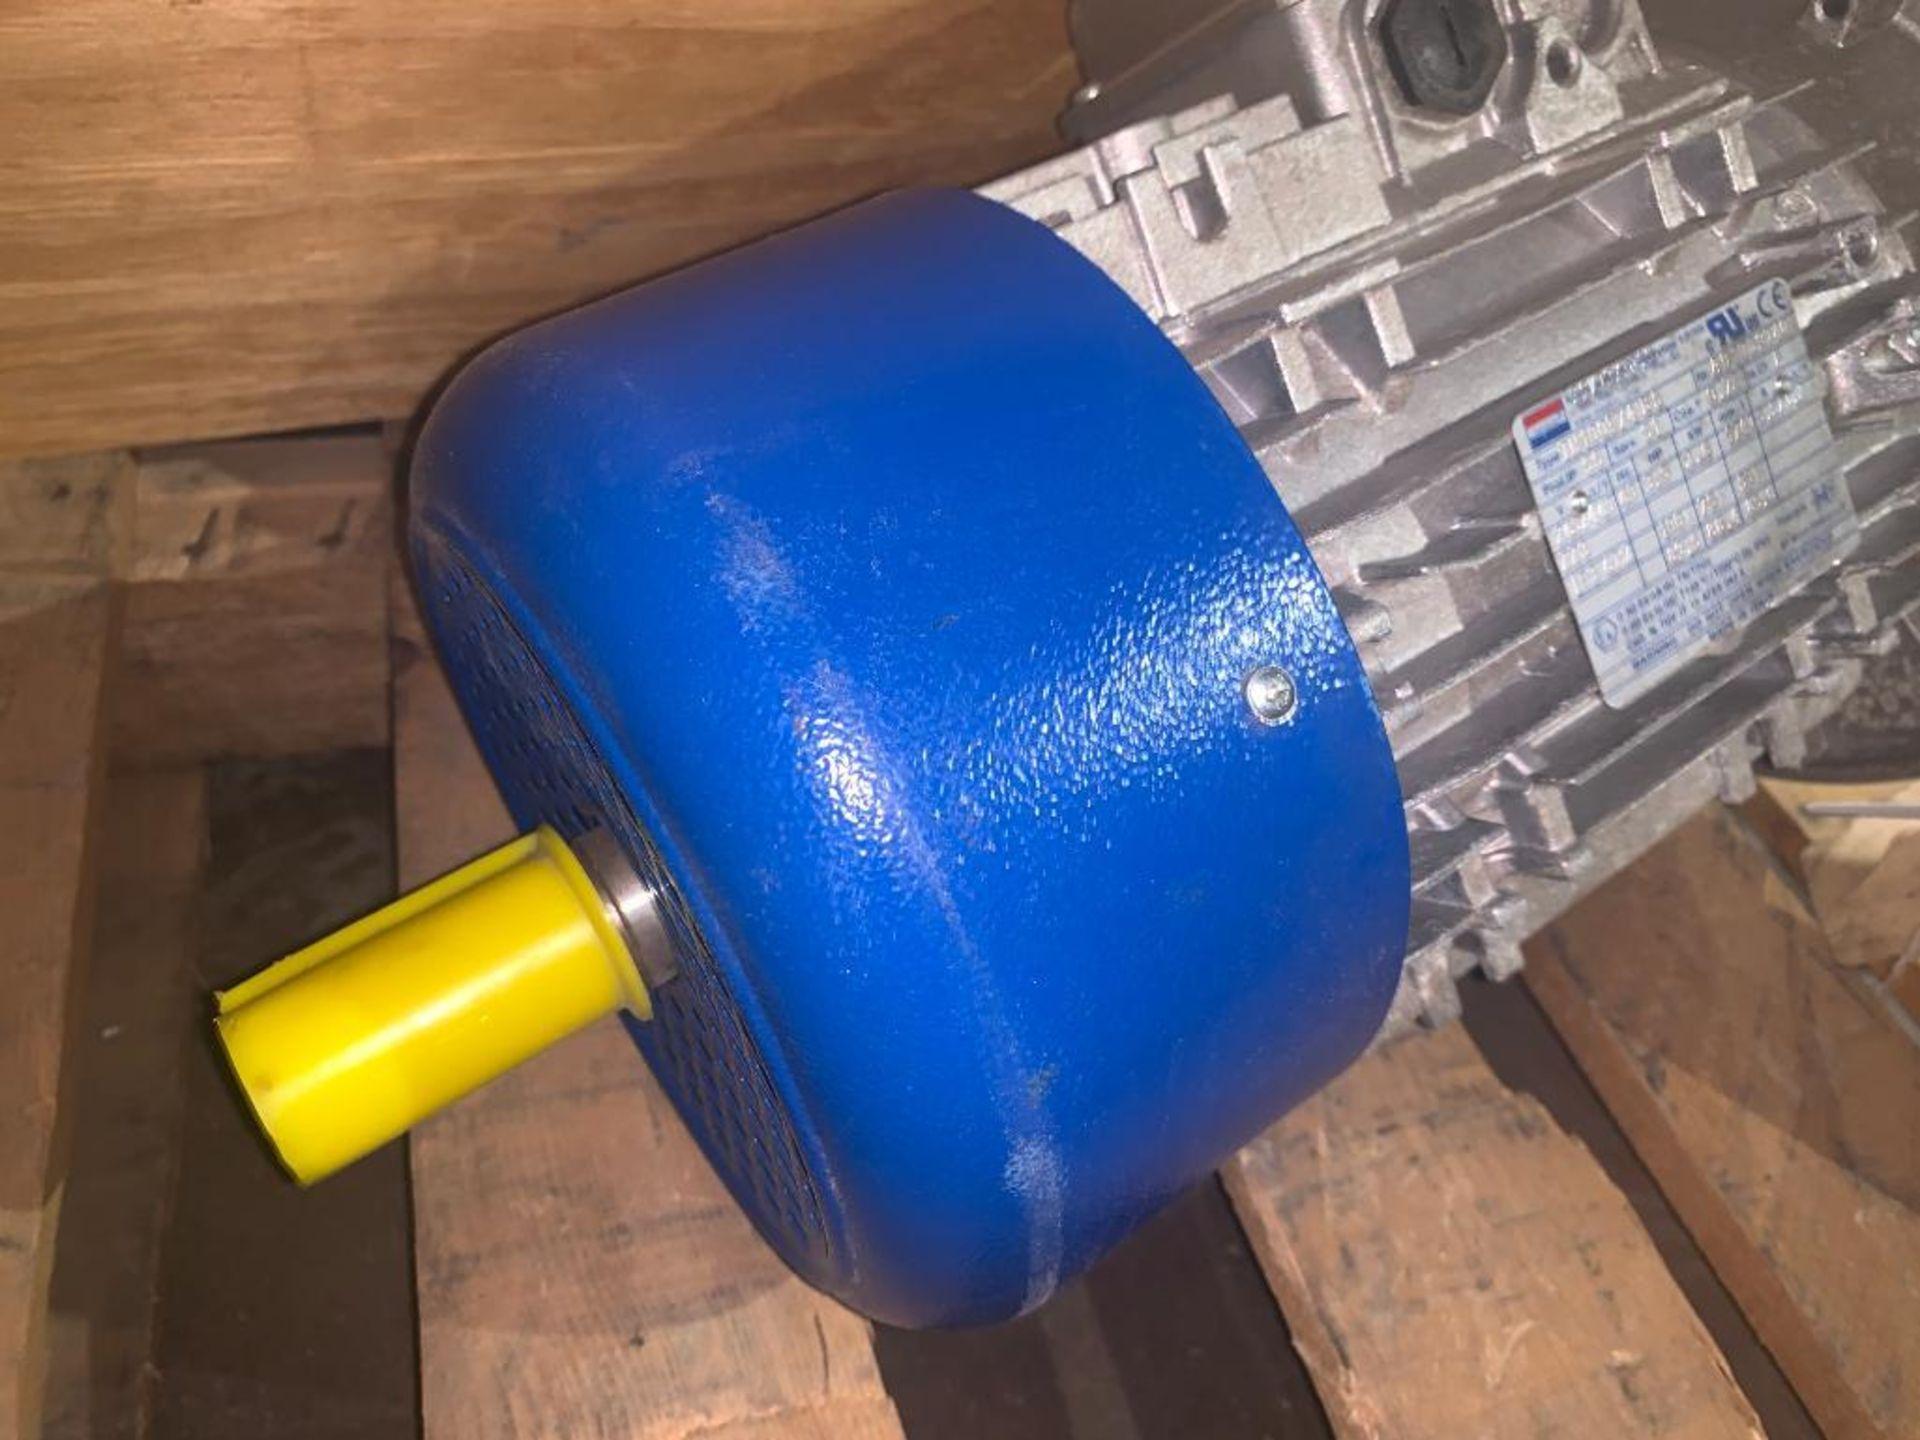 unused dual shaft motor - Image 3 of 4